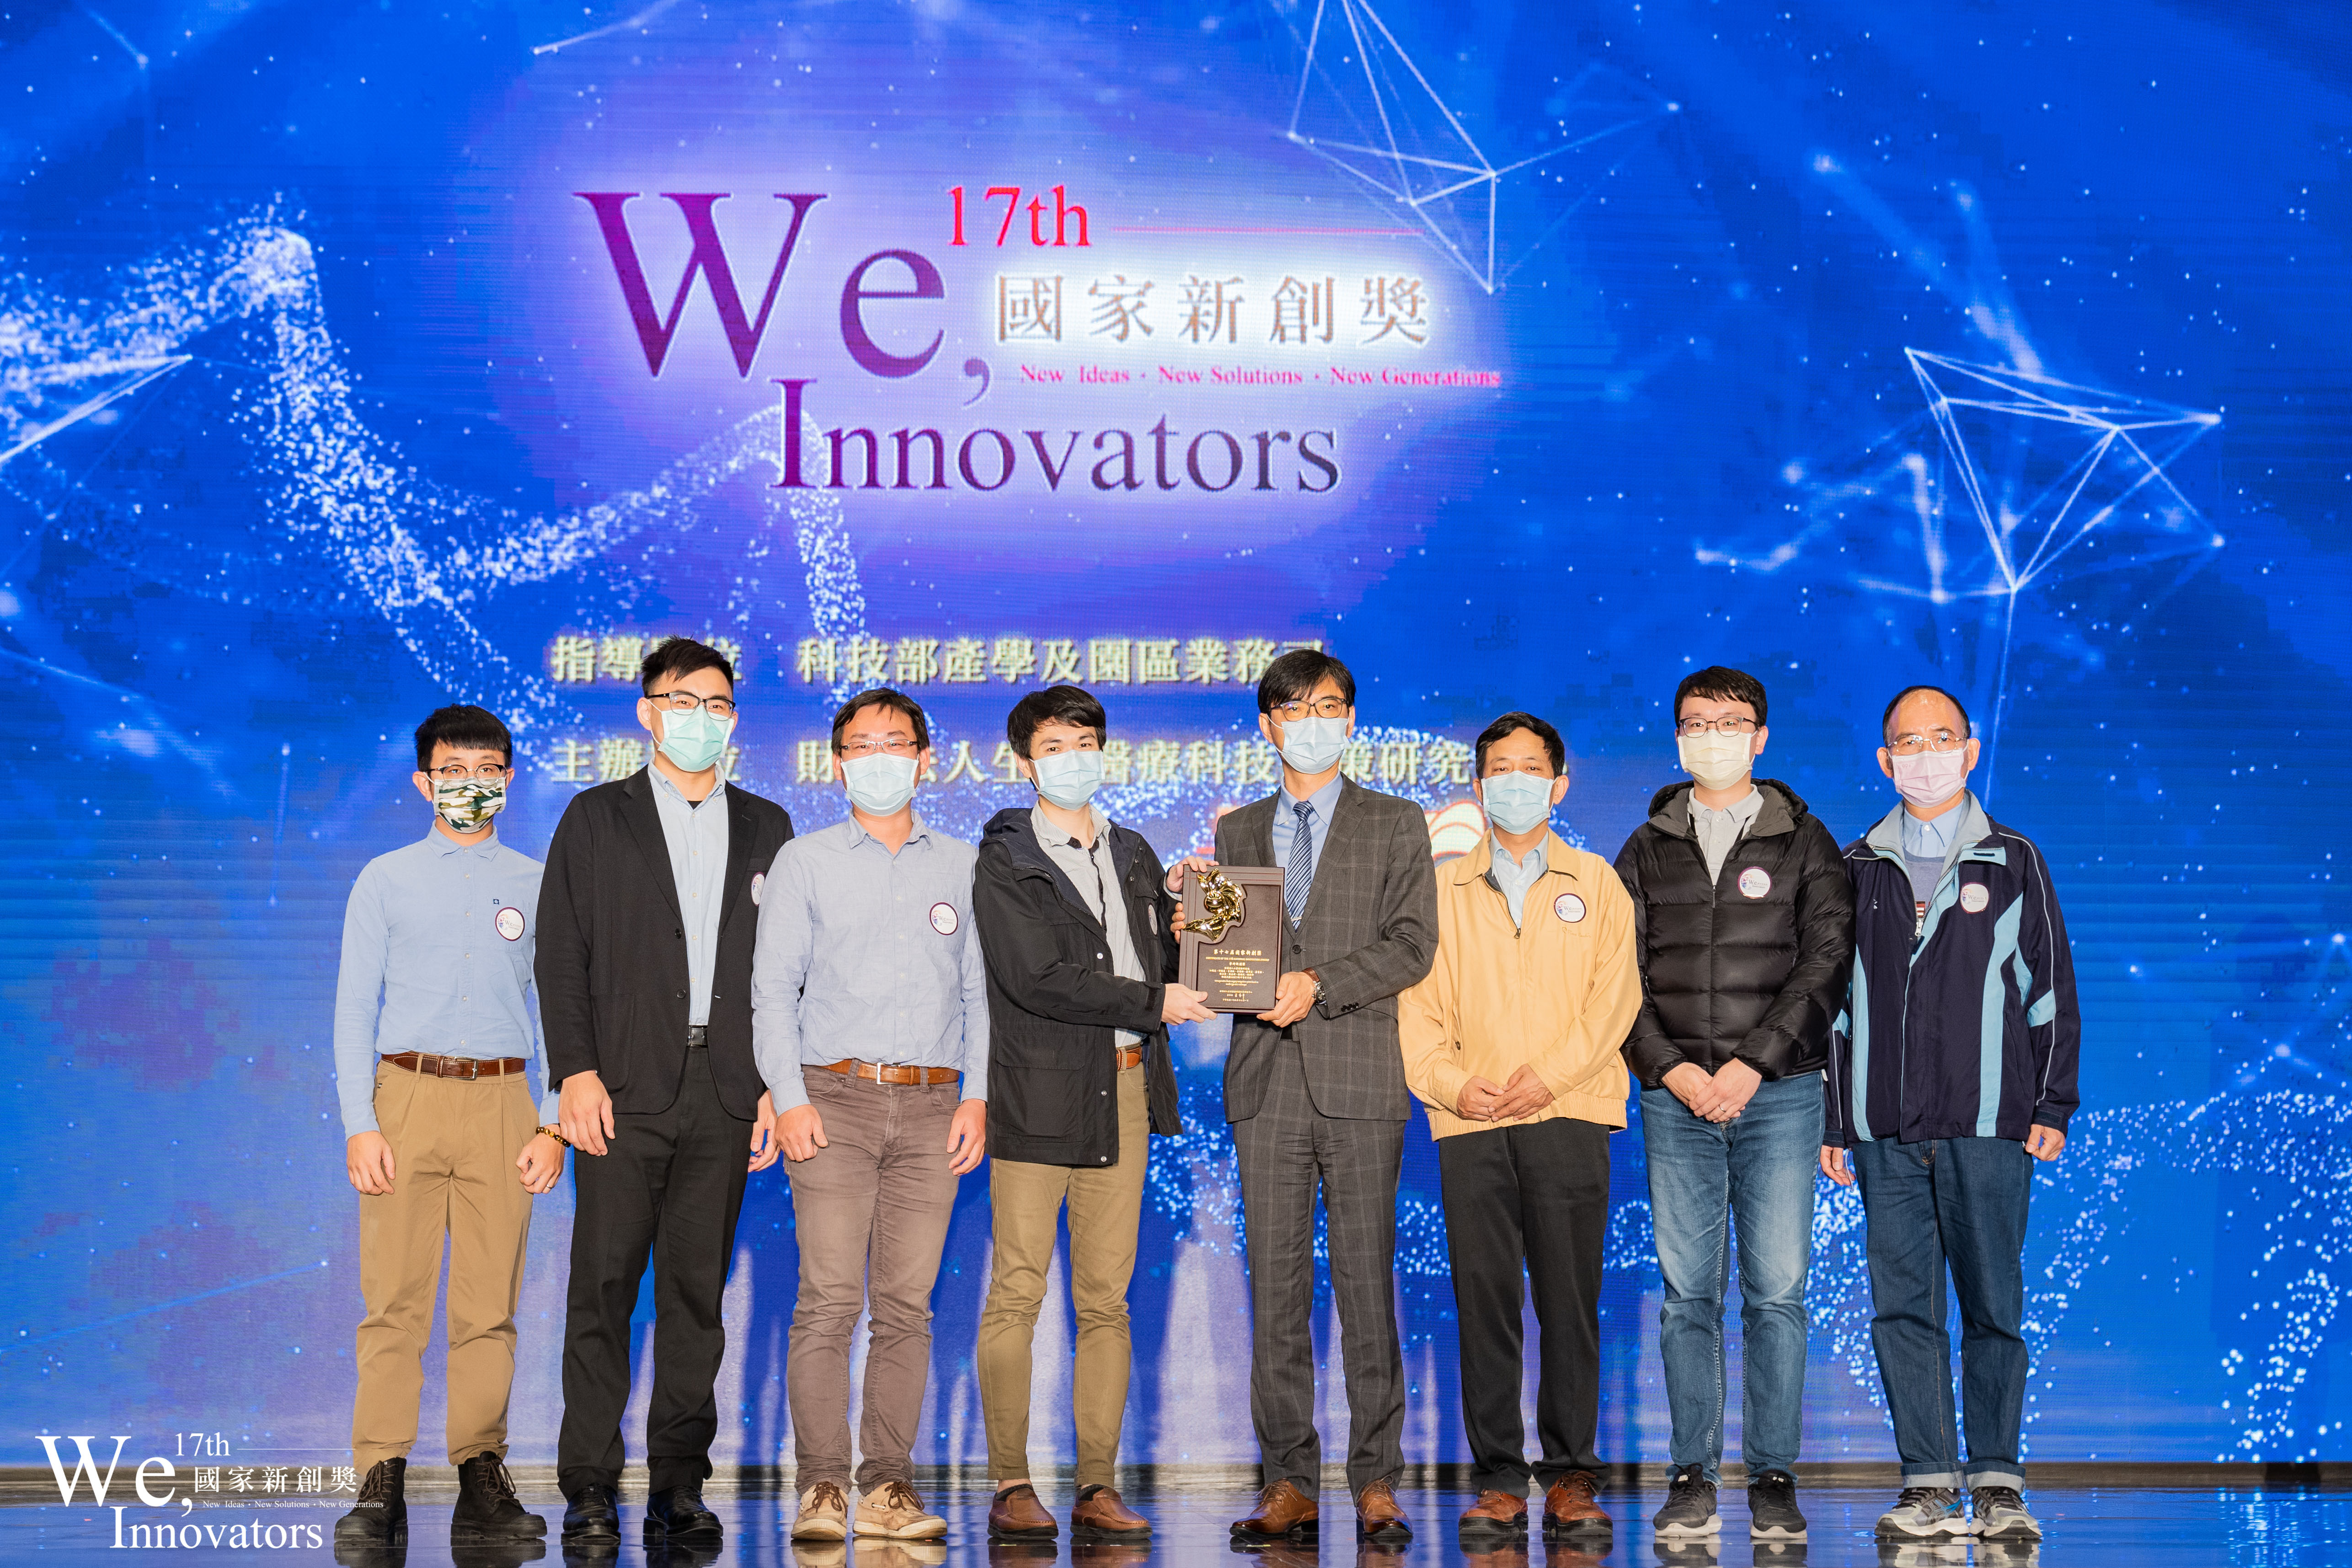 學研新創獎 創新醫材與診斷技術類獲獎